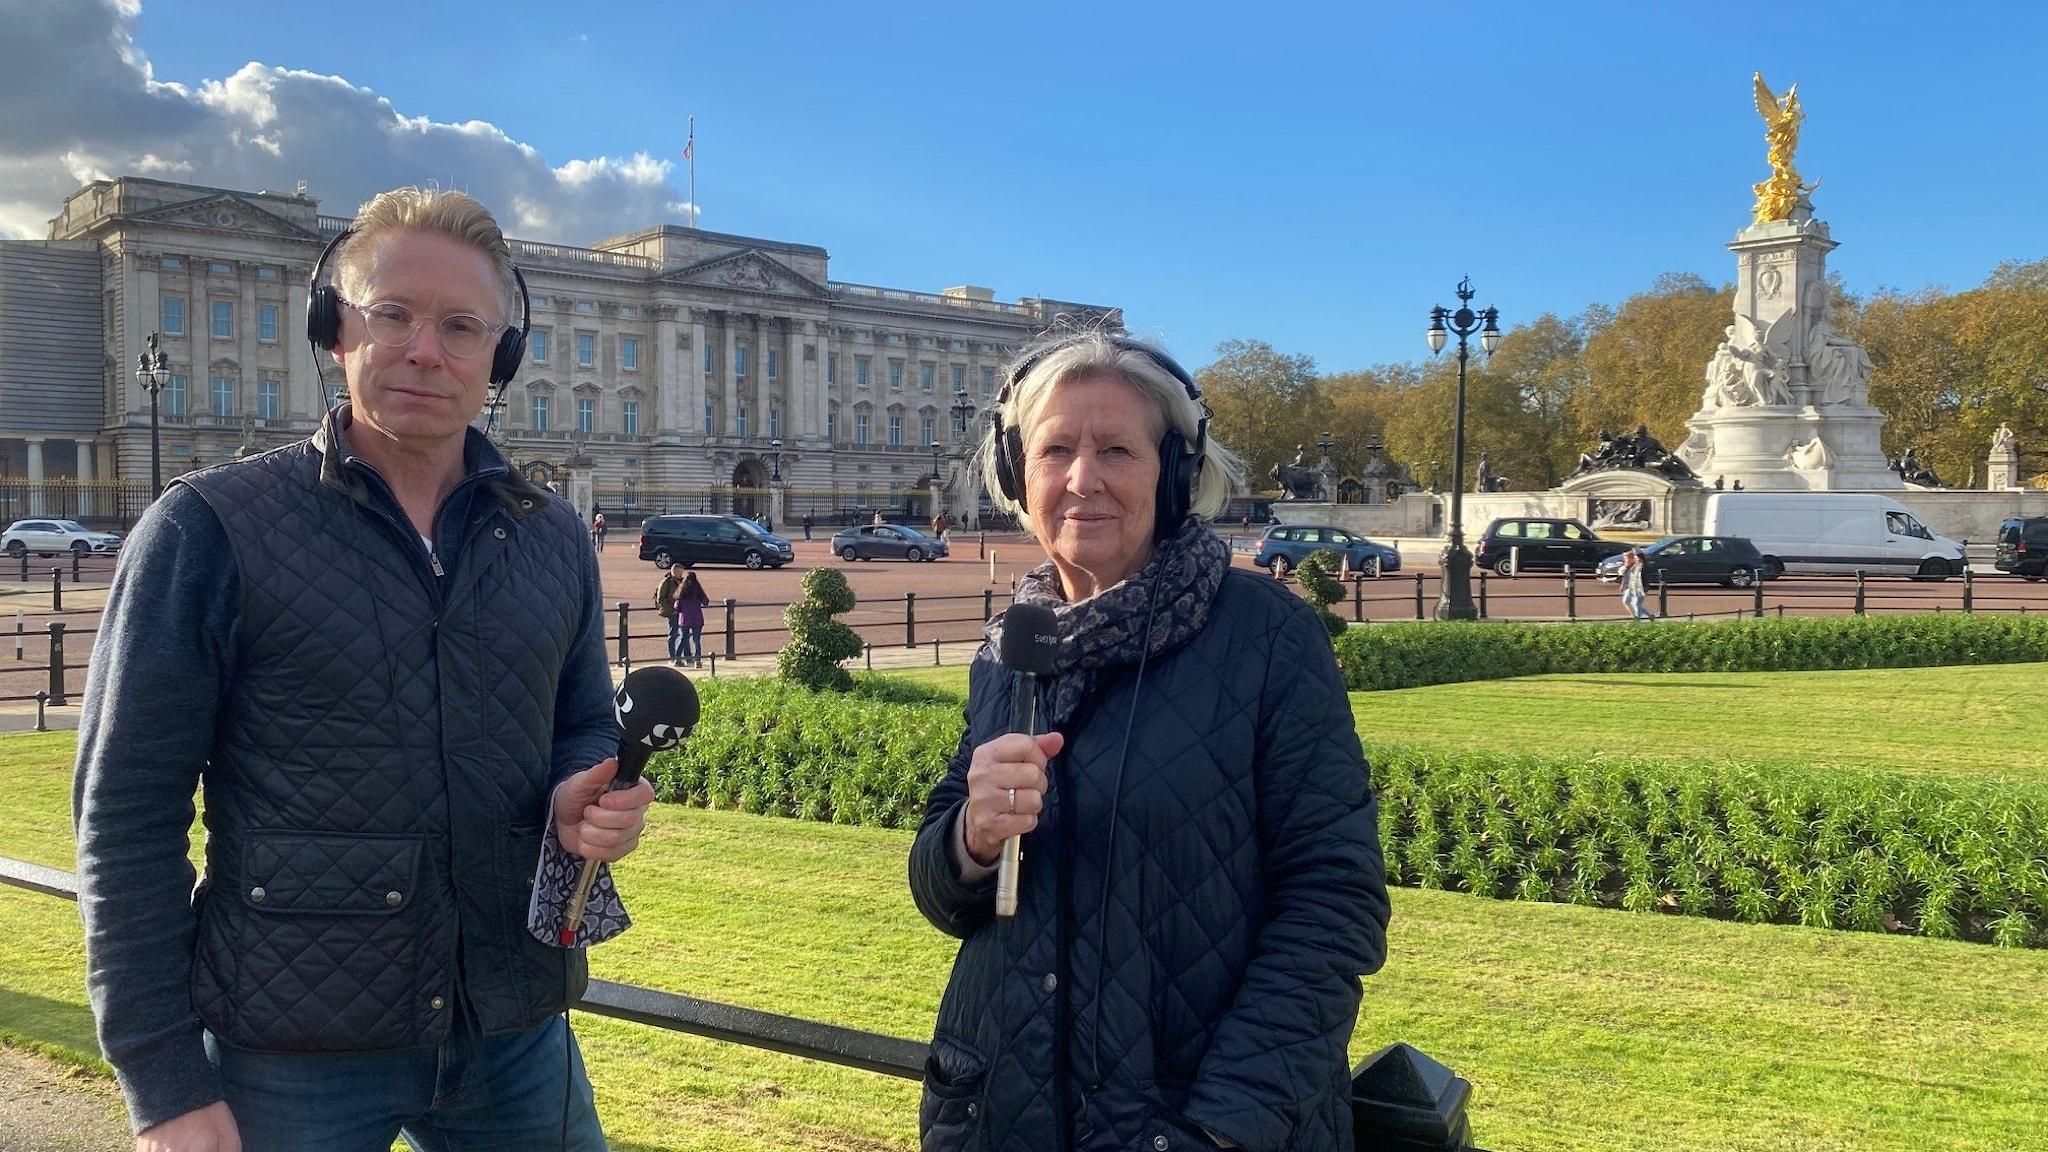 Londonkorrespondent Daniel Alling och hans företrädare Agneta Ramberg utanför Buckingham Palace.